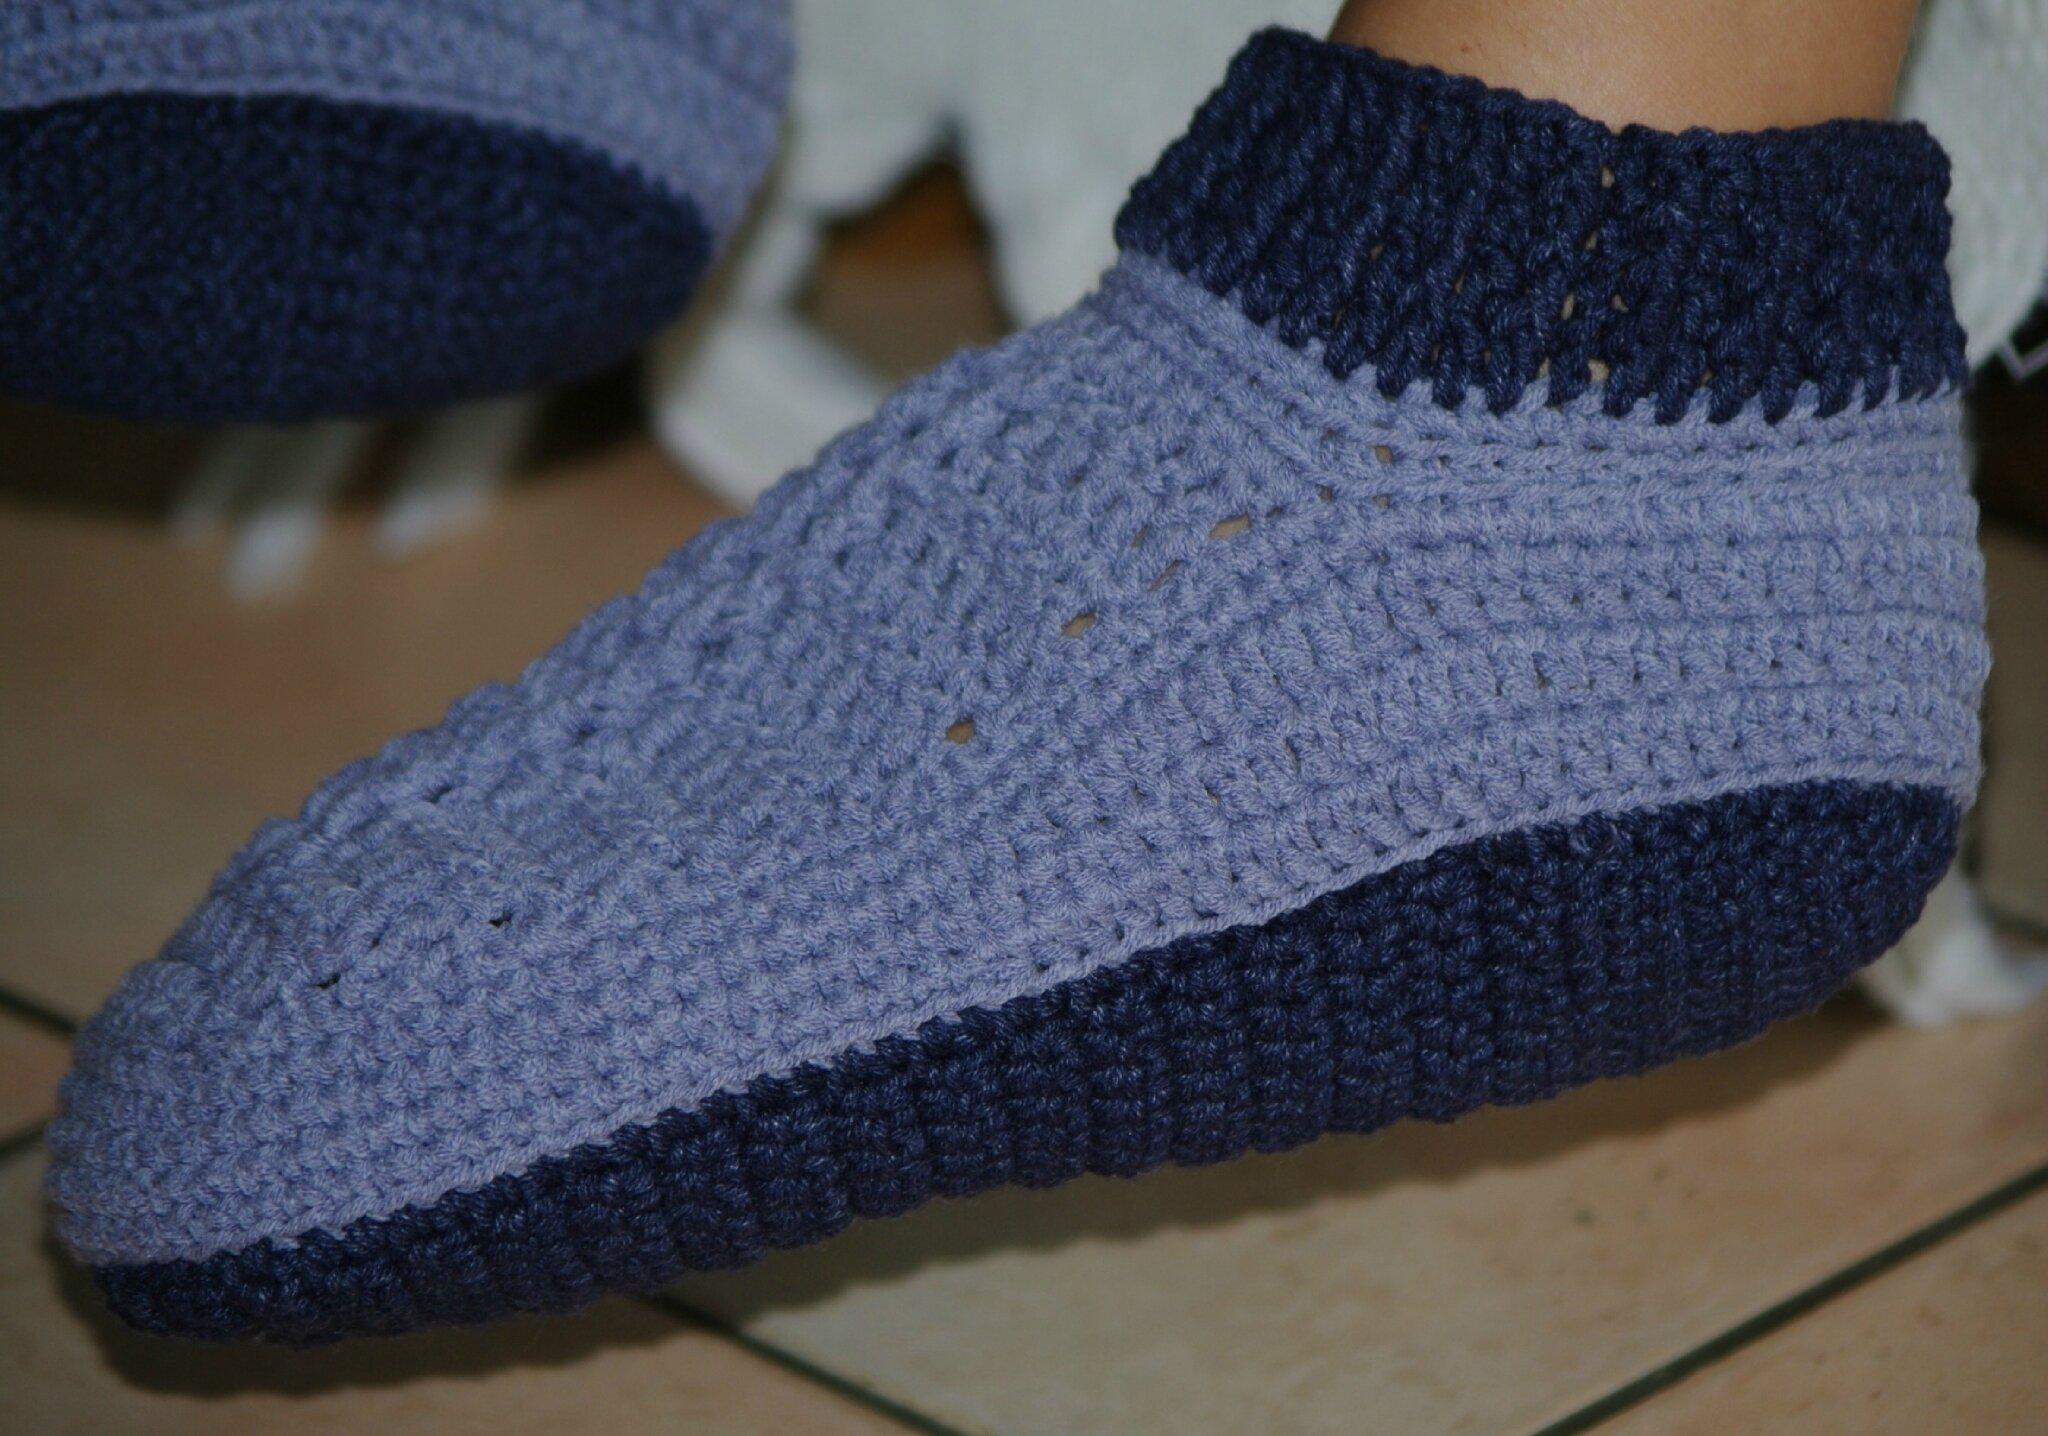 chaussons au crochet pour femme